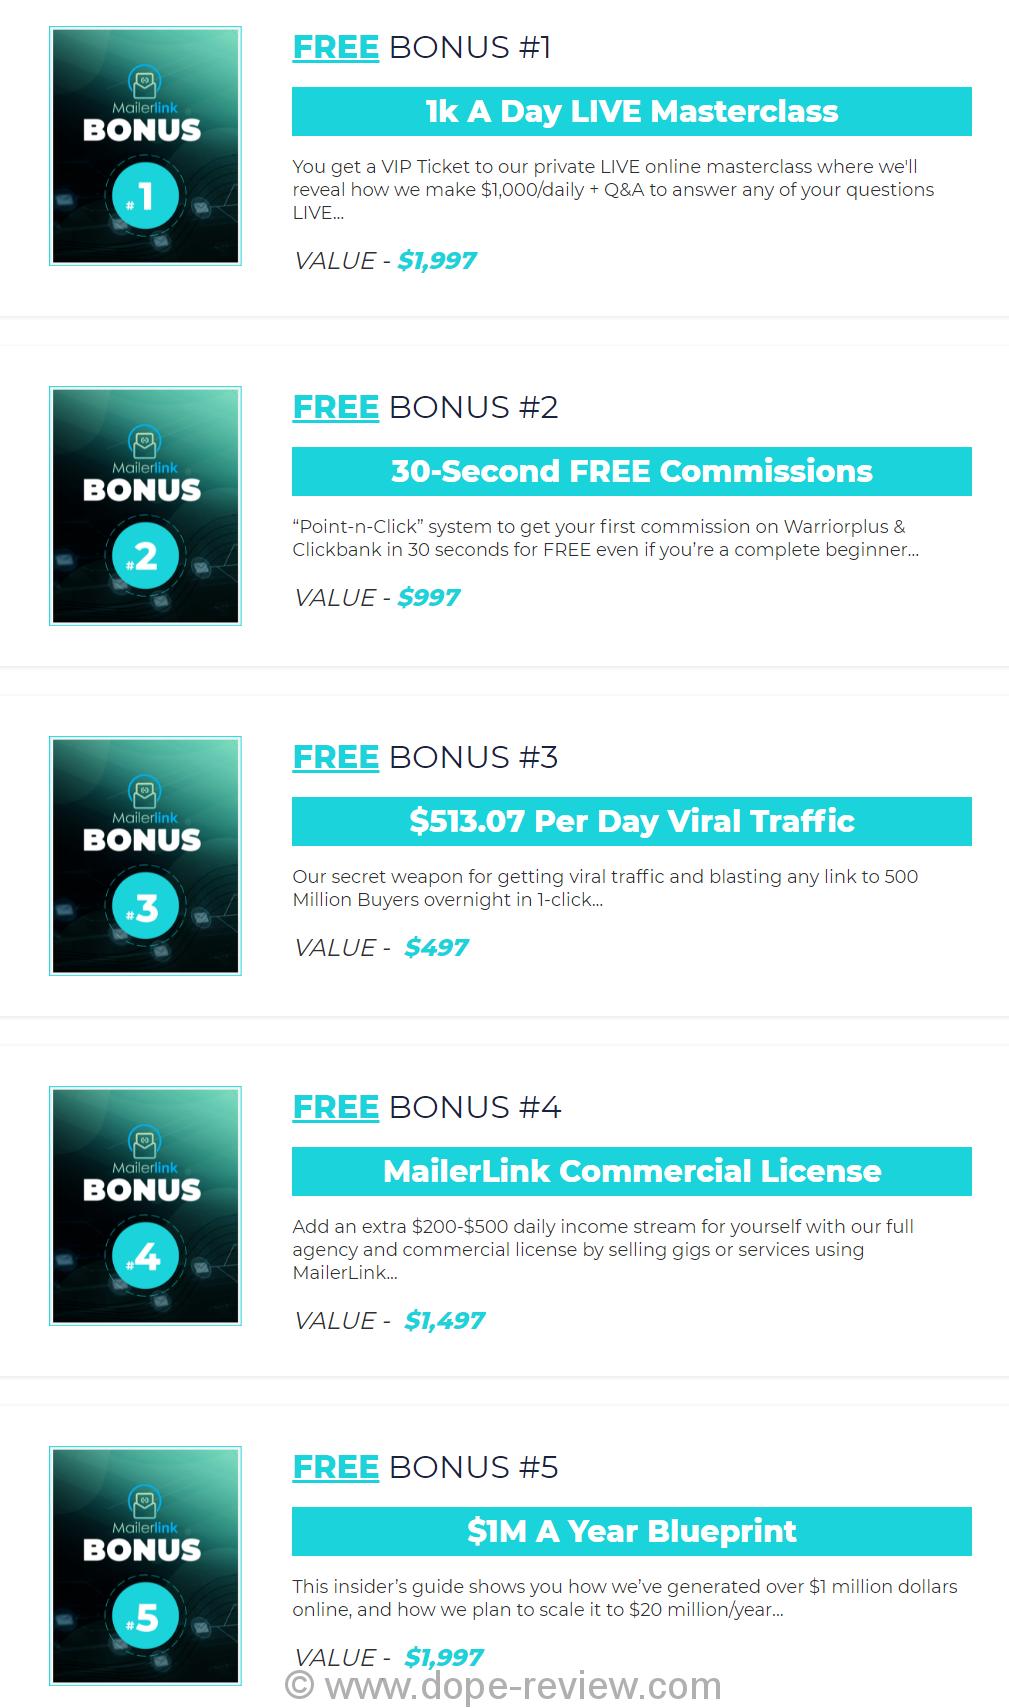 MailerLink Bonus